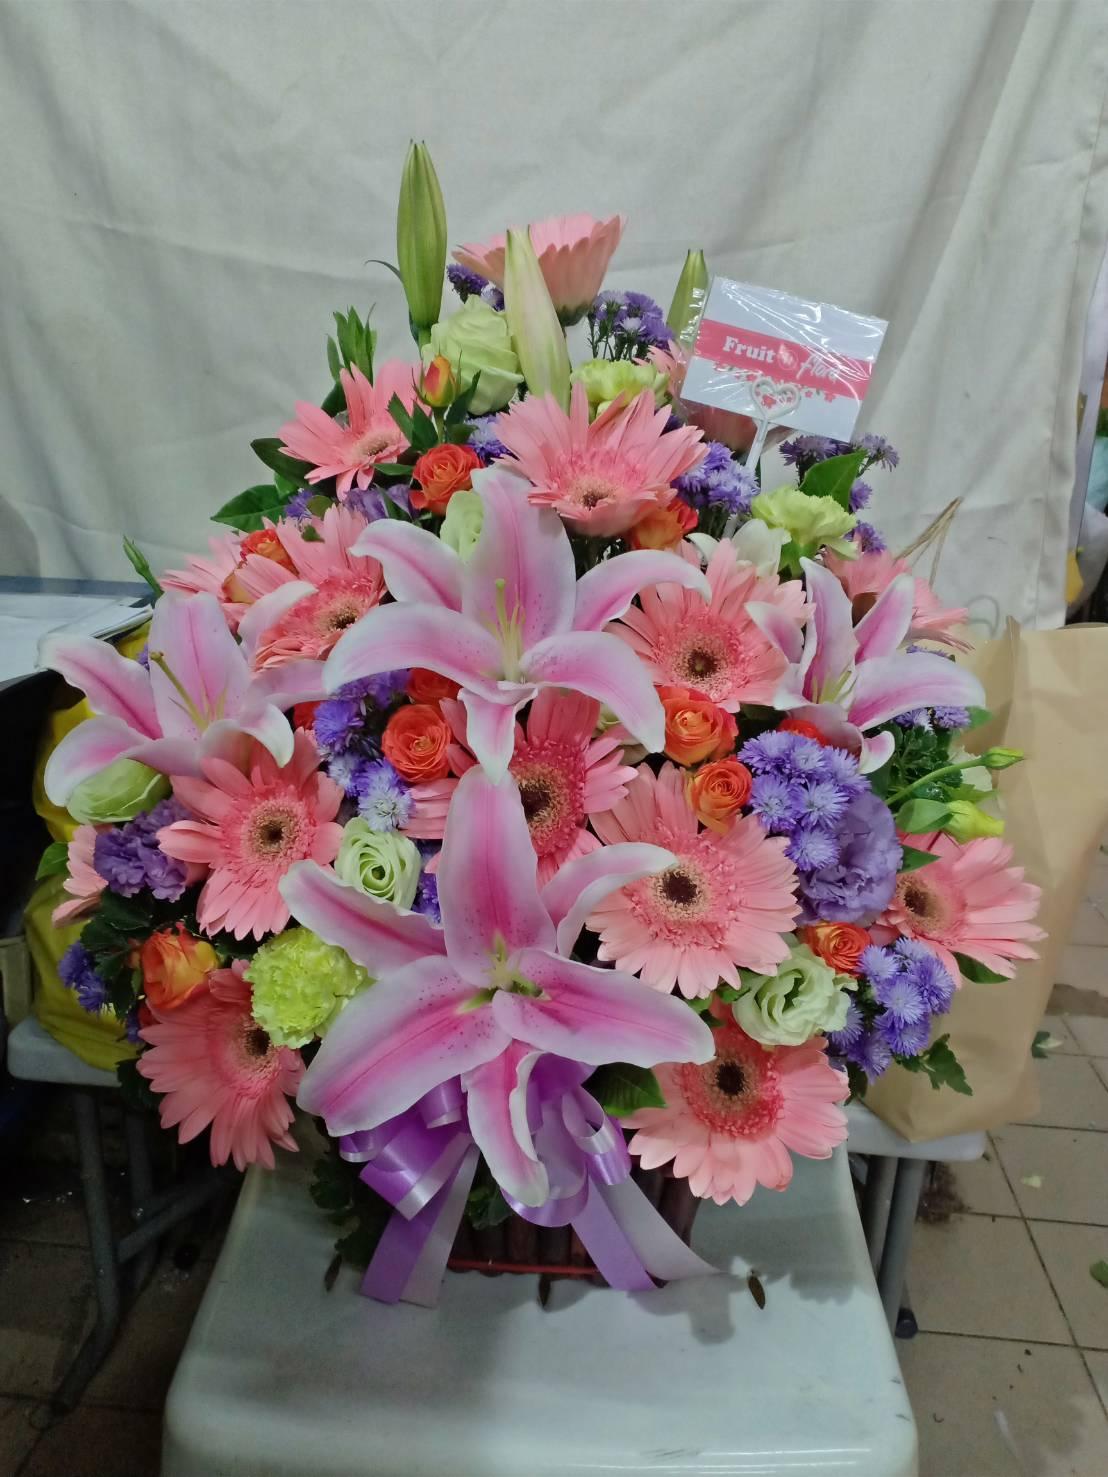 กระเช้าดอกไม้สุดพิเศษของเราจัดด้วยดอกลิลลี่ คาร์เนชั่น และเยอบีร่า